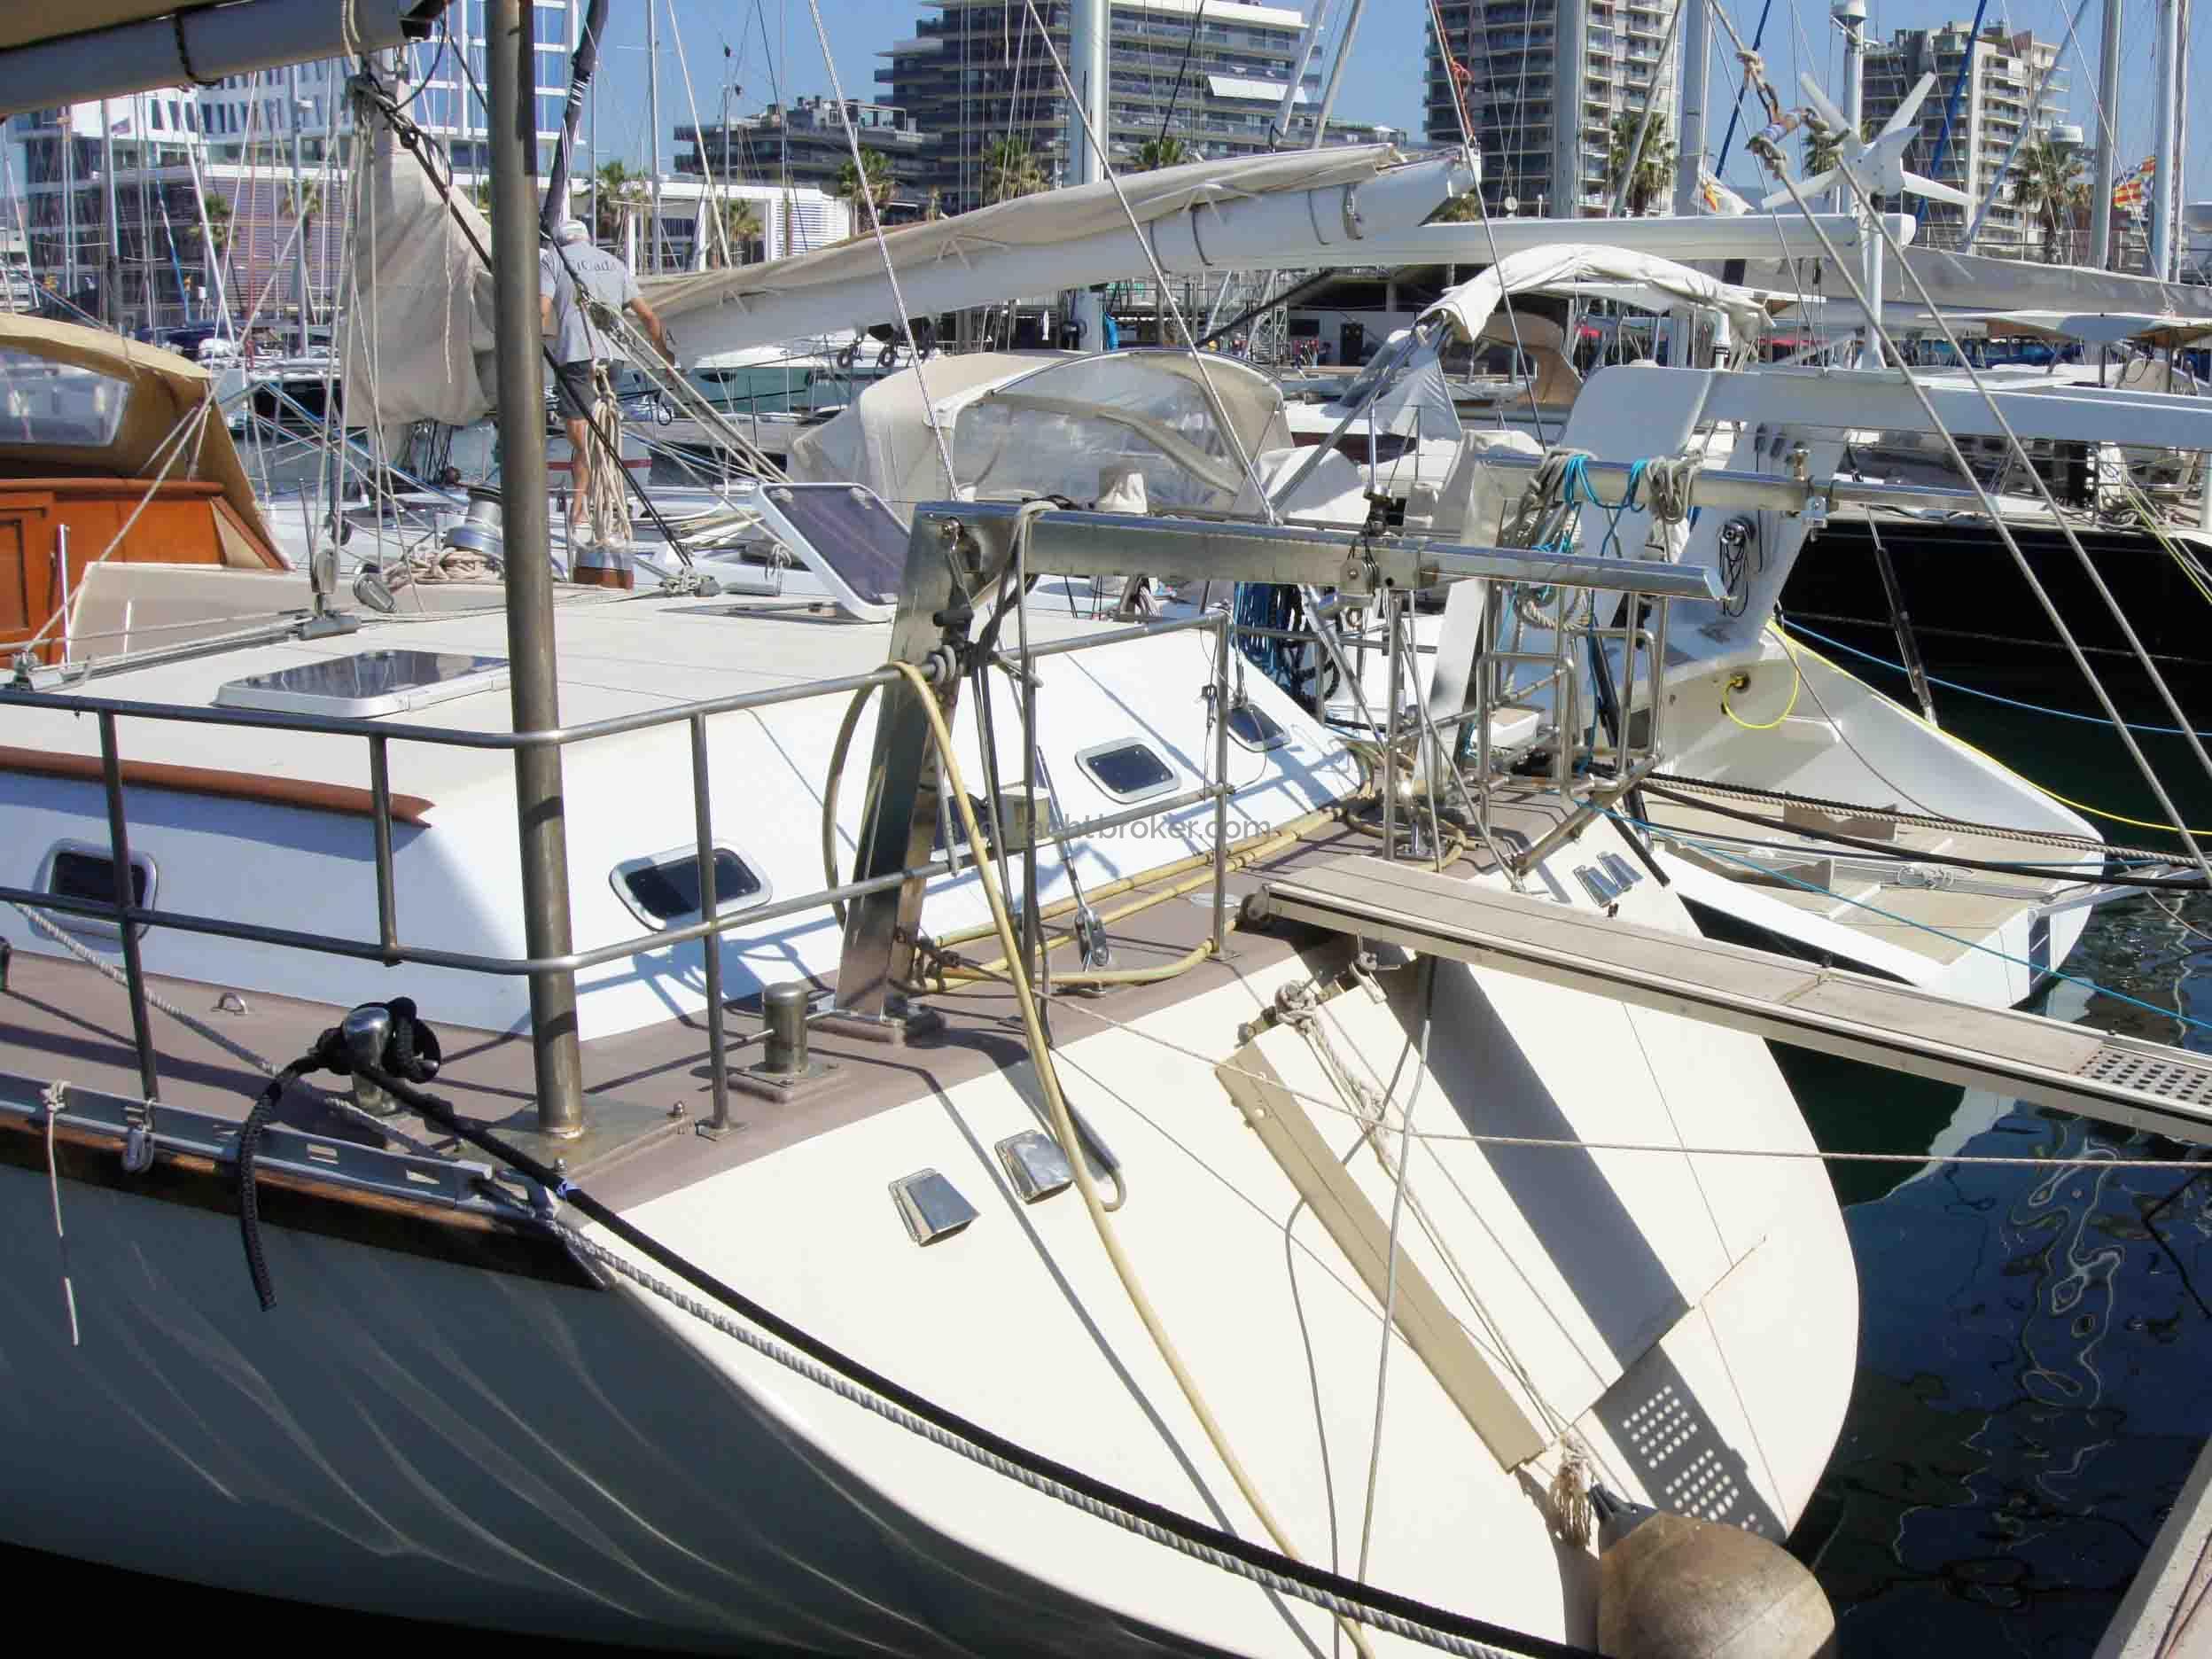 Grand Banks 46 Alaskan - Port cabin to fit